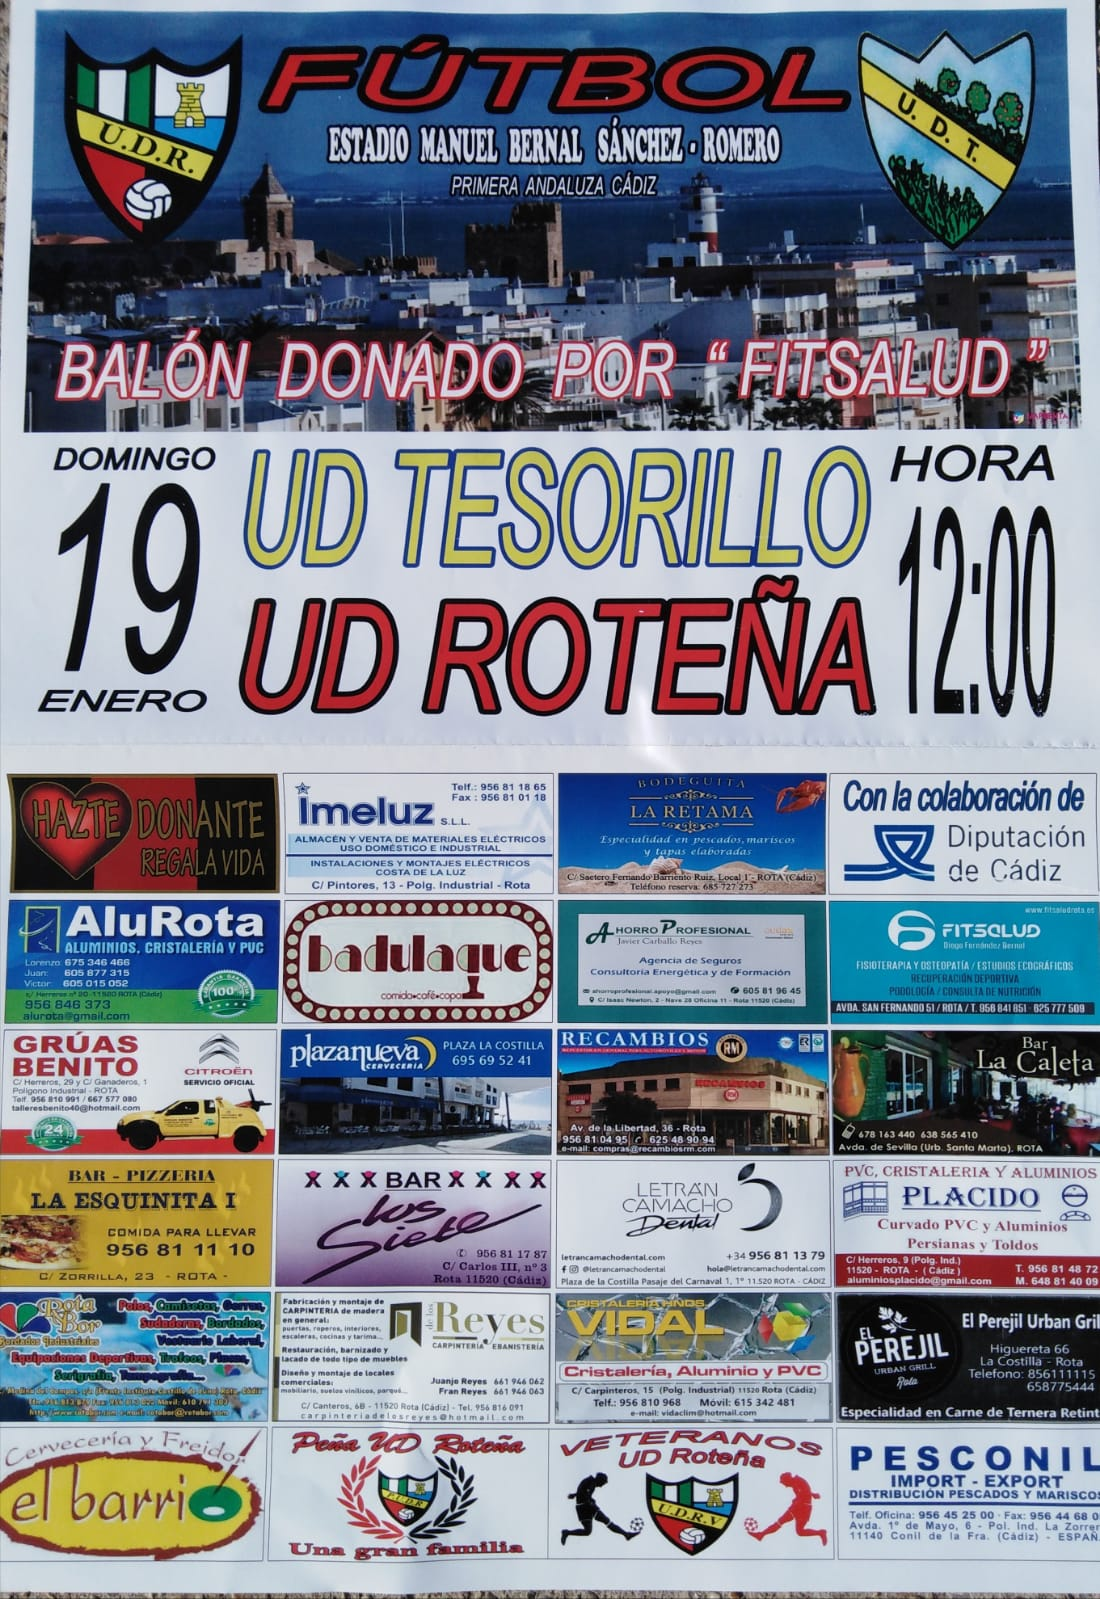 UD Roteña - UD Tesorillo